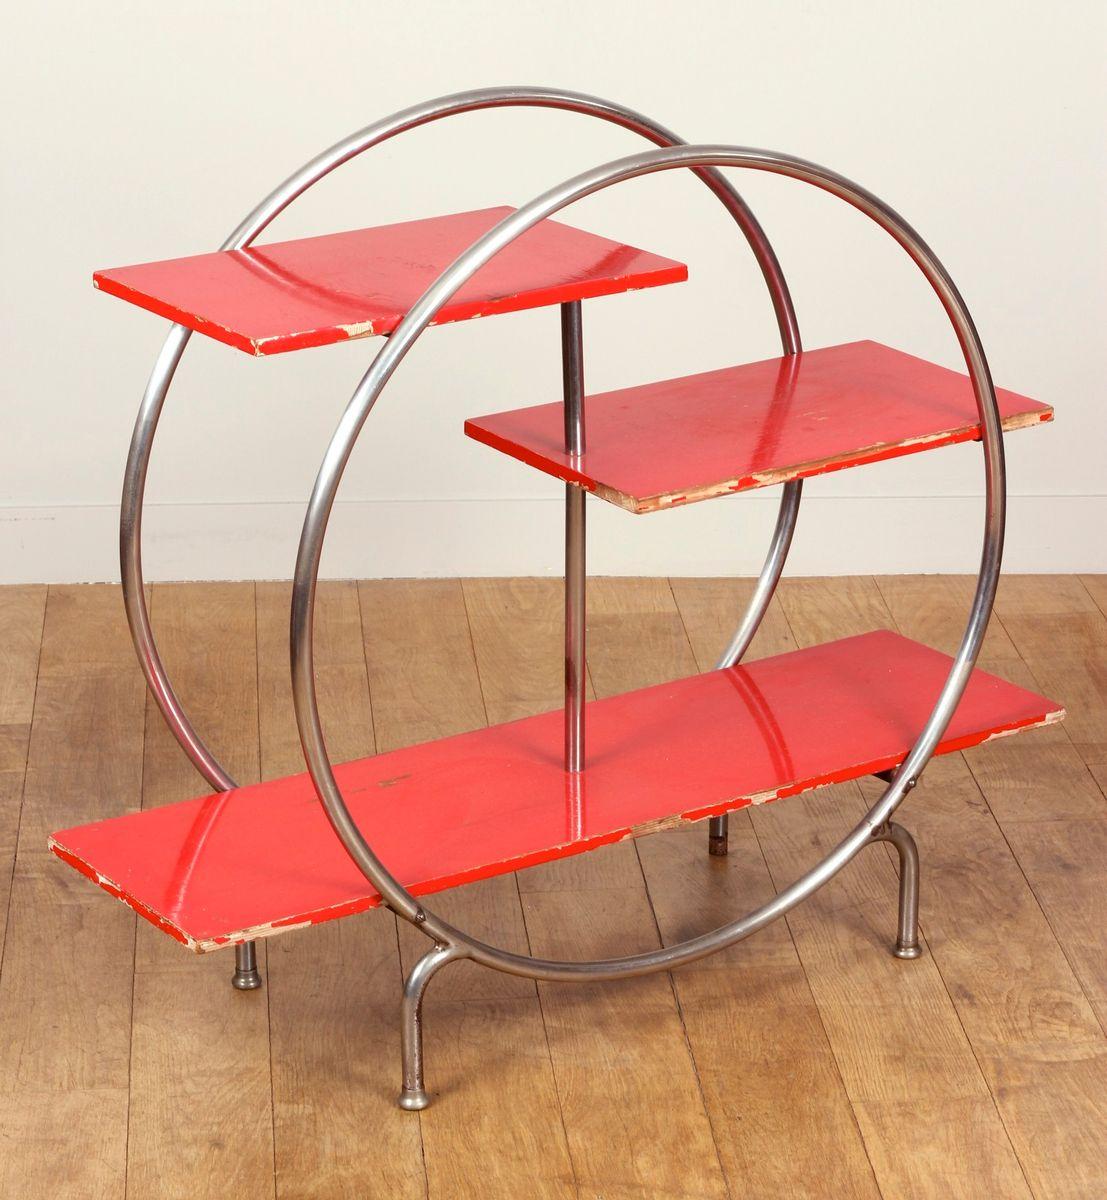 rundes franz sisches regal 1930 bei pamono kaufen. Black Bedroom Furniture Sets. Home Design Ideas